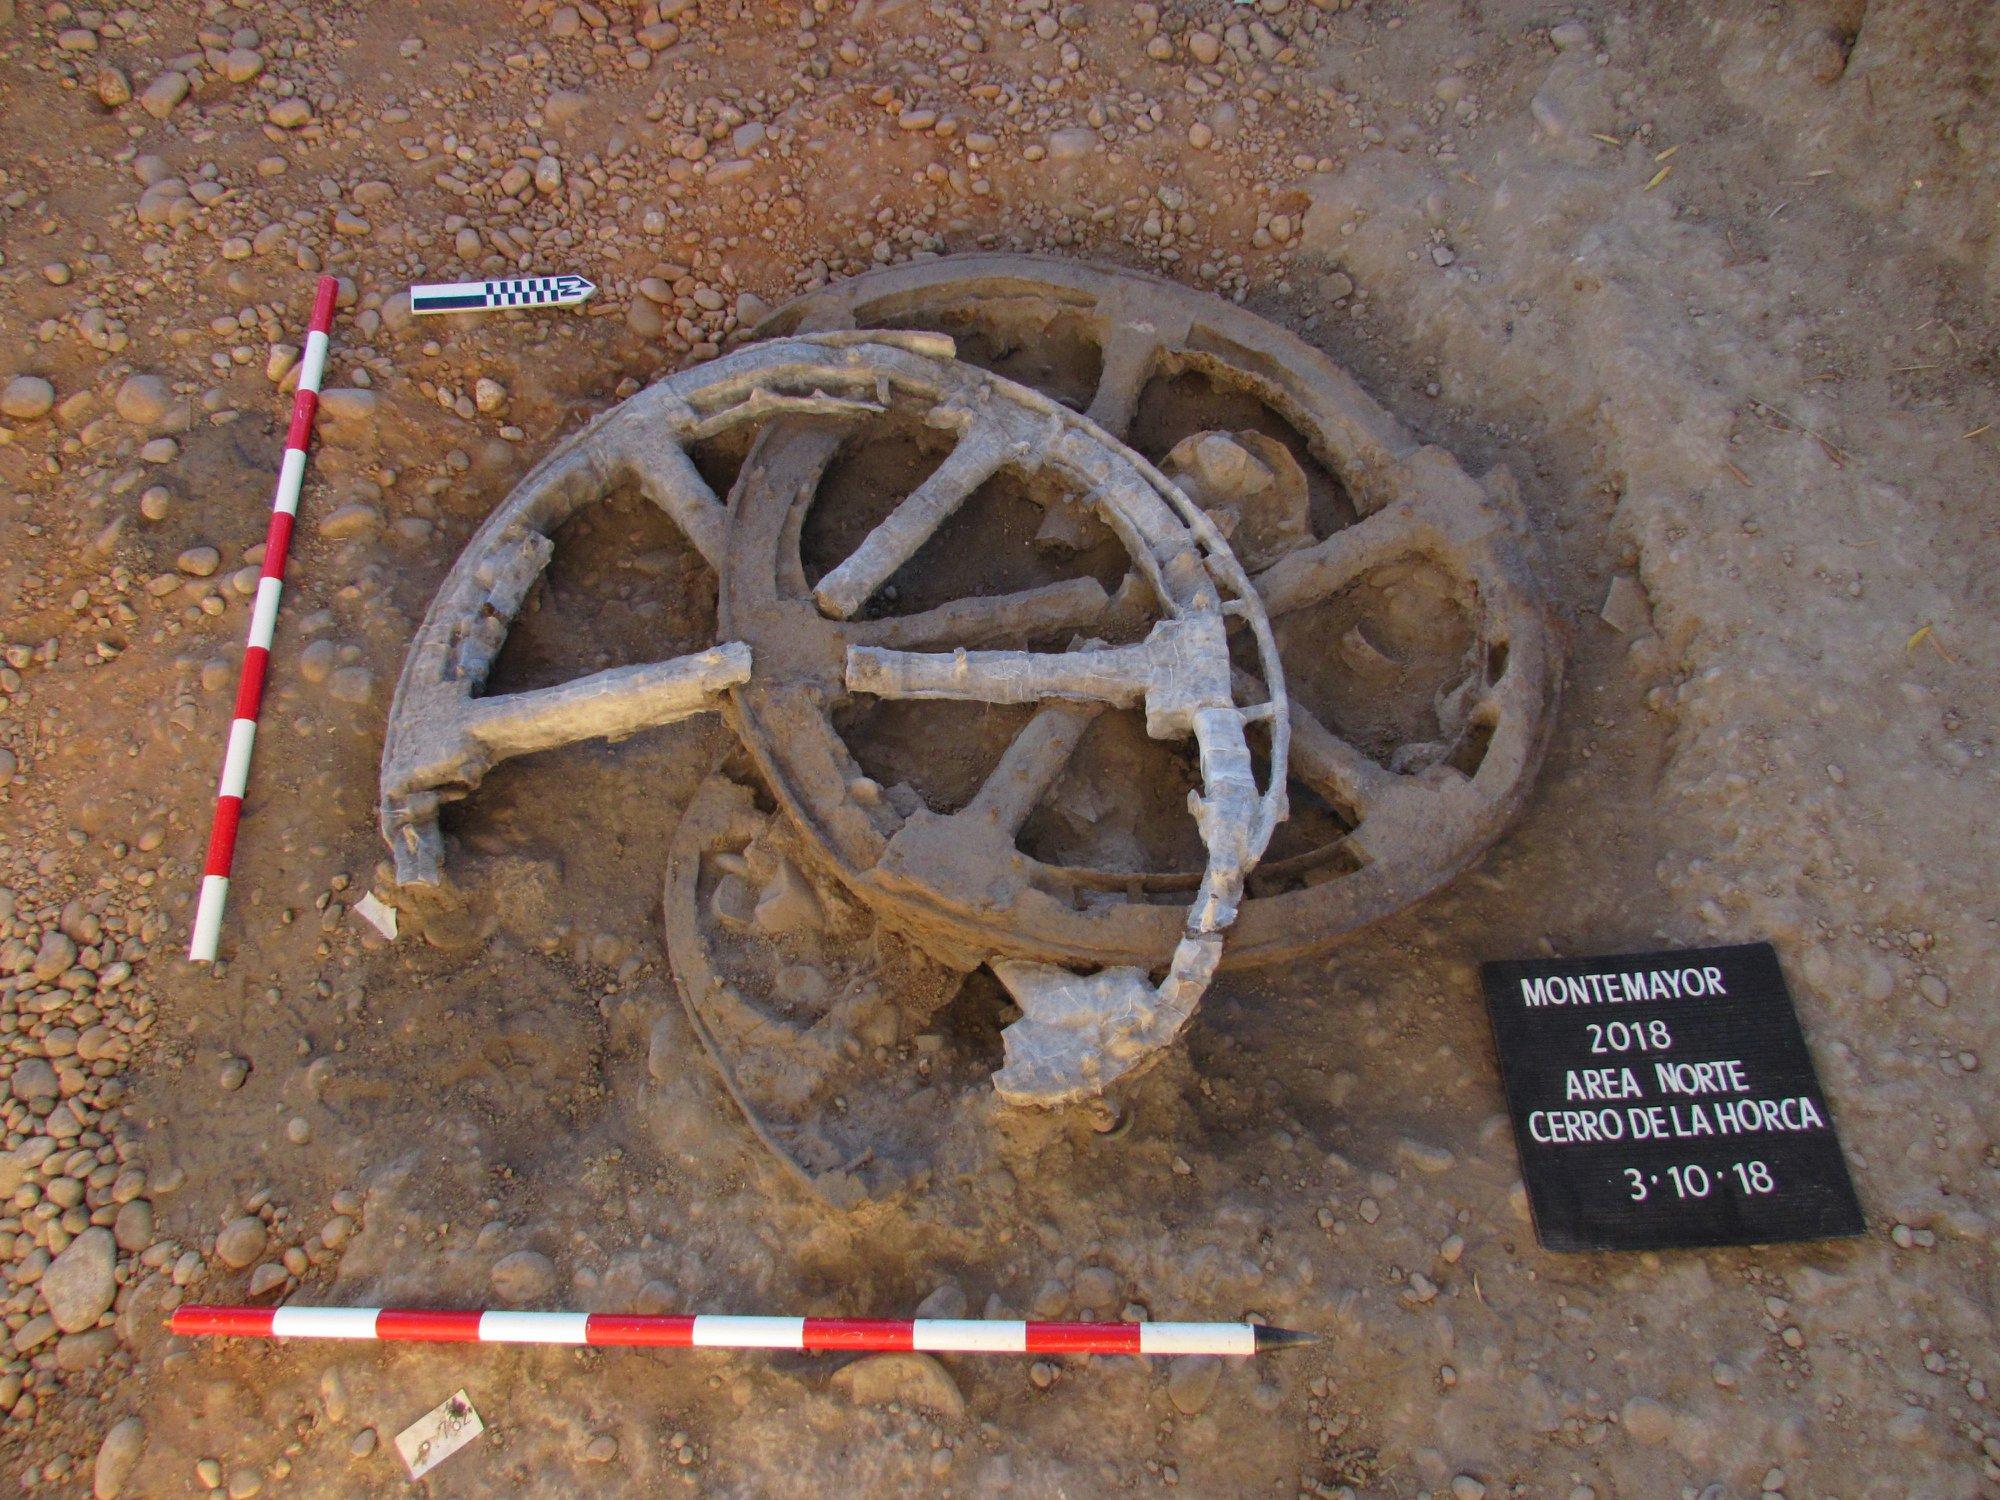 """Espectacular hallazgo en el """"Cerro de la Horca"""" en Montemayor: un carro del período Ibérico con las ruedas intactas"""